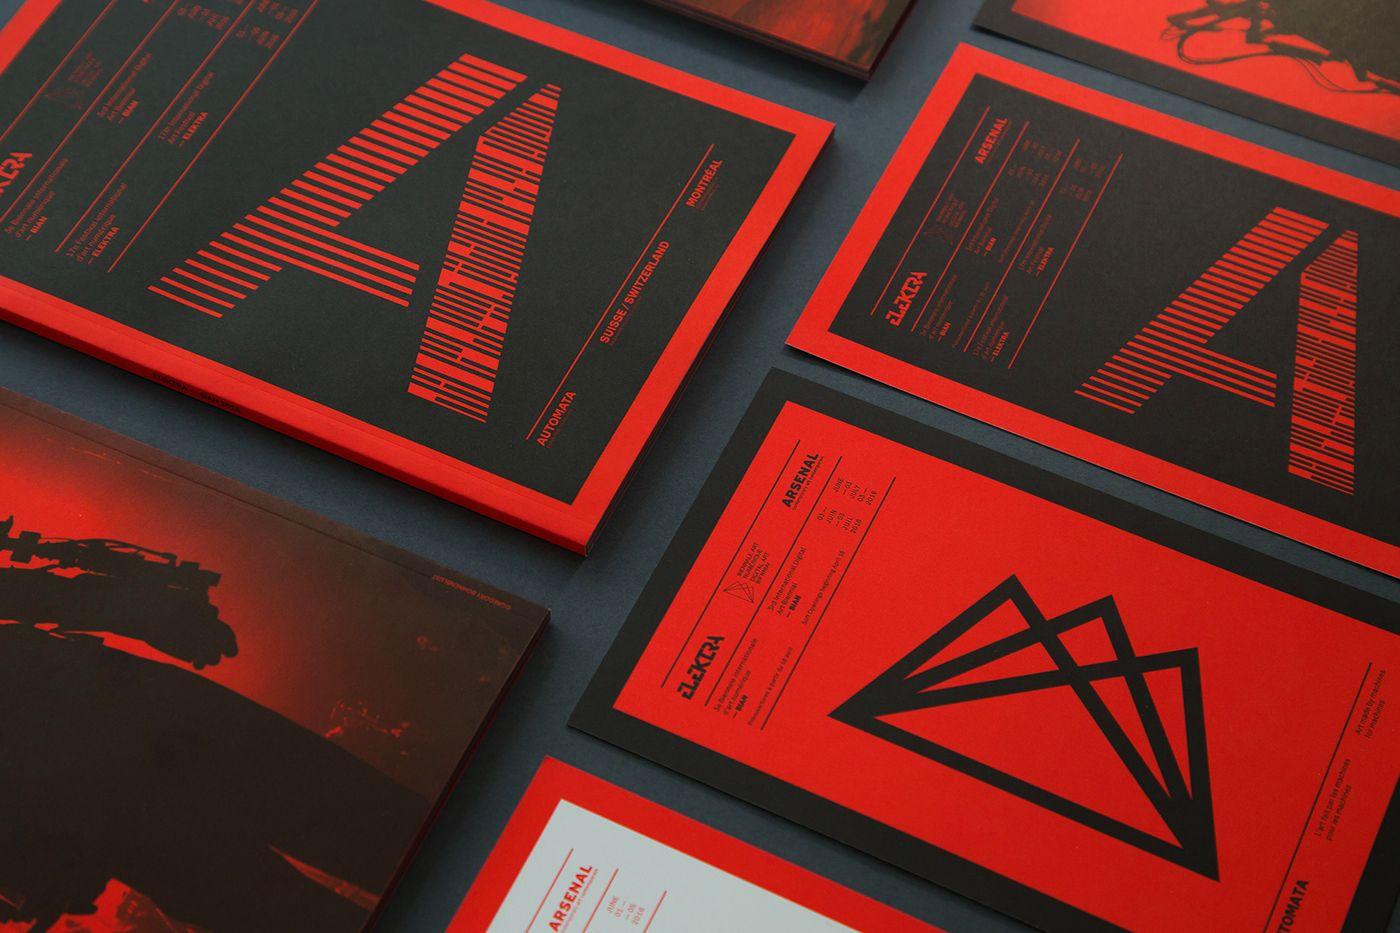 """Auf @Behance habe ich dieses Projekt gefunden: """"3rd International Digital ArtBiennial"""" https://www.behance.net/gallery/44636715/3rd-International-Digital-ArtBiennial"""